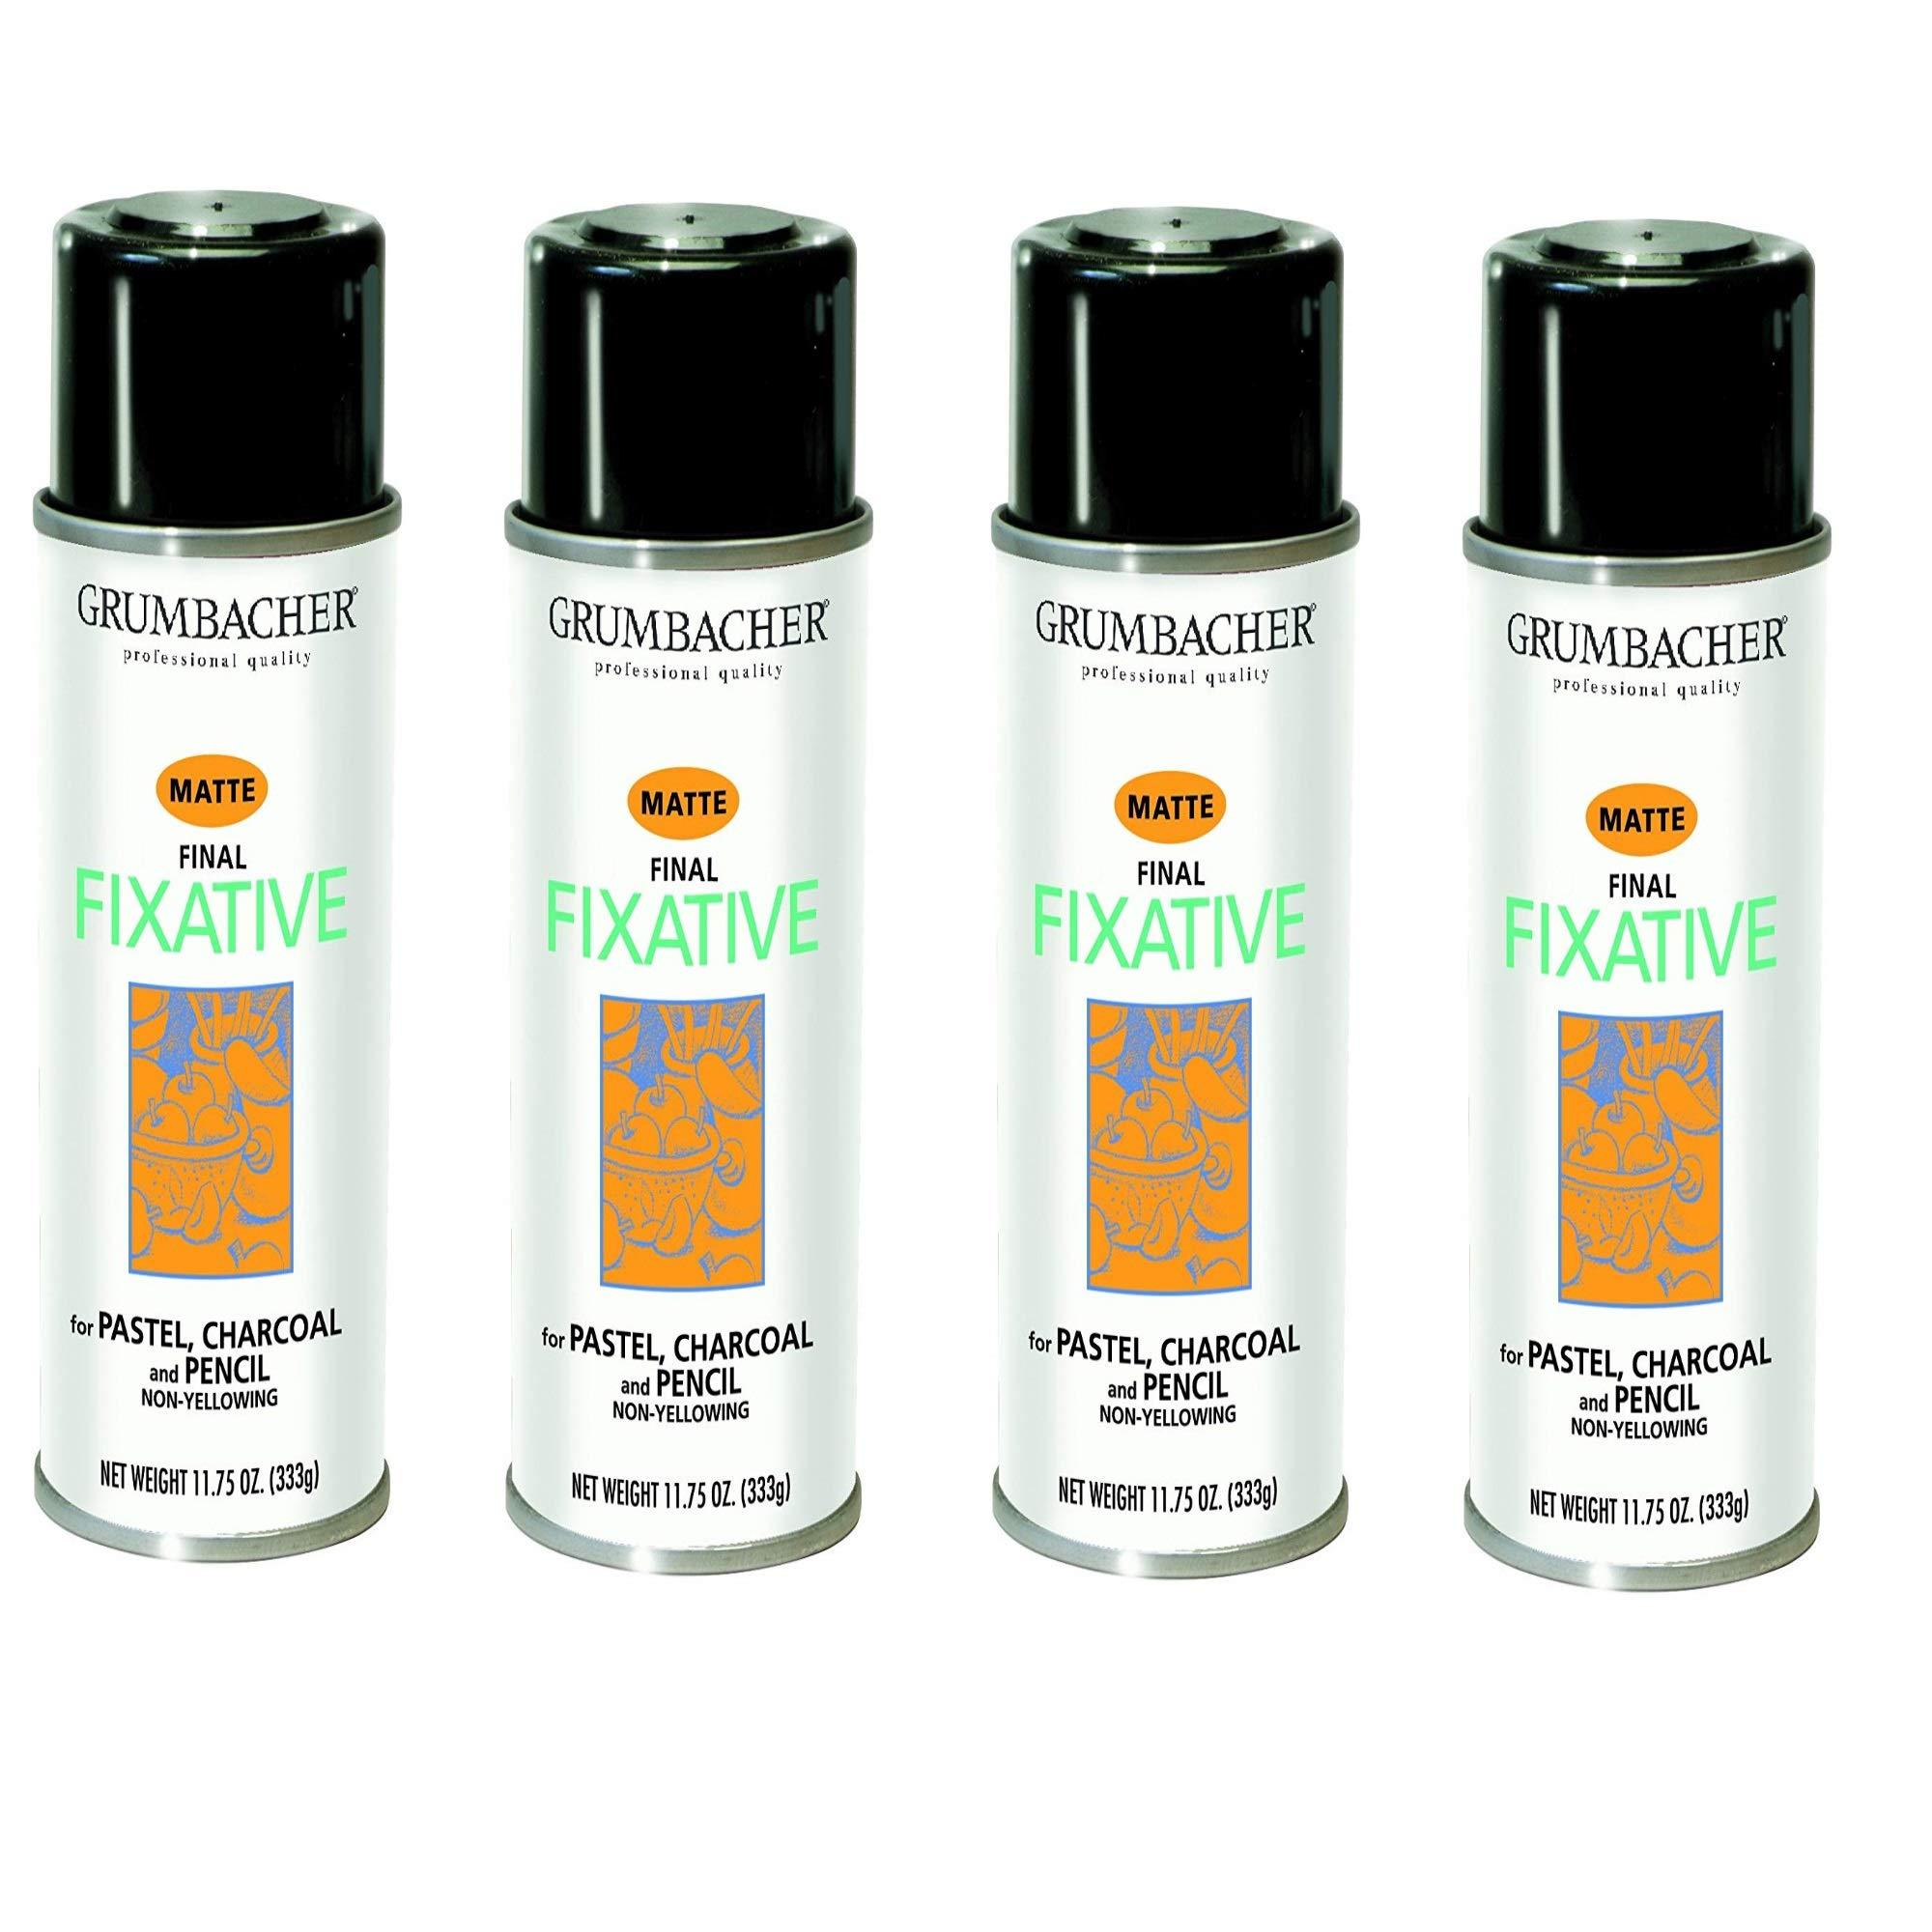 GRUMBACHER 549 11-3/4-Ounce Final Fixative Matte Spray Can, 4 Pack